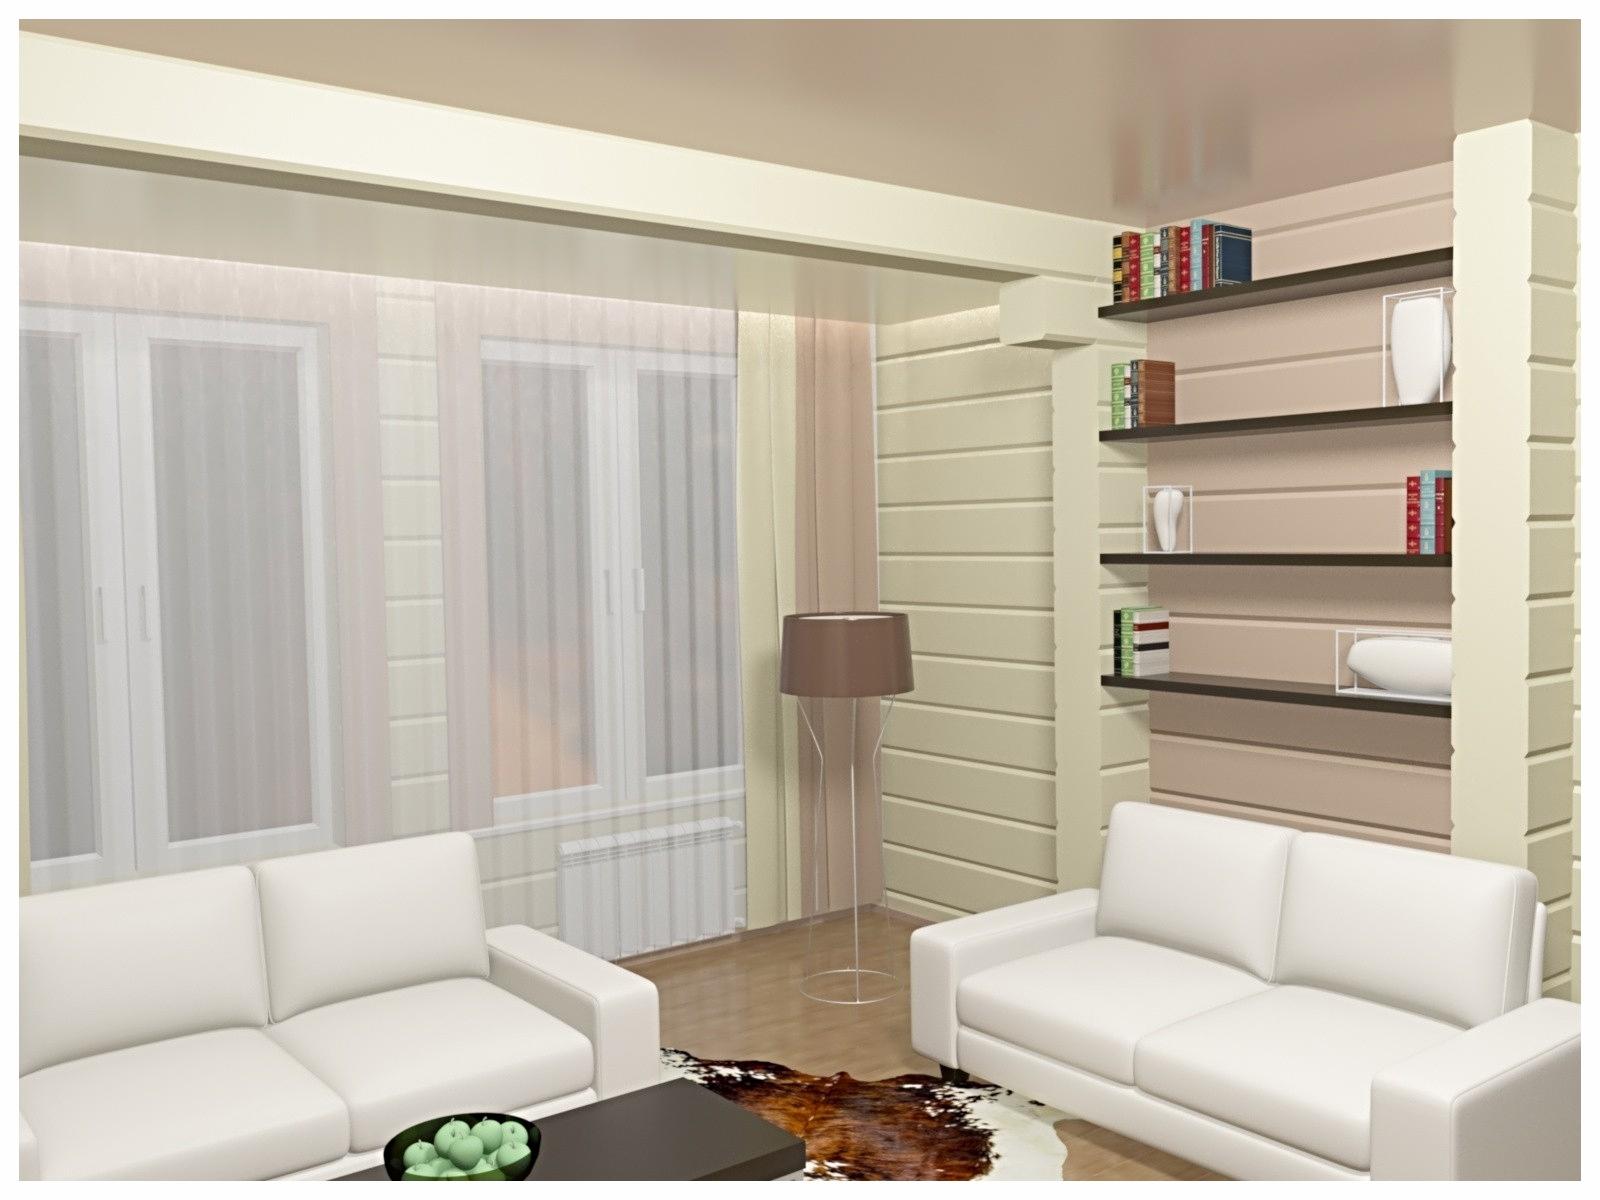 Дизайн интерьеров в коттедже из бруса. Зона мягкой мебели.